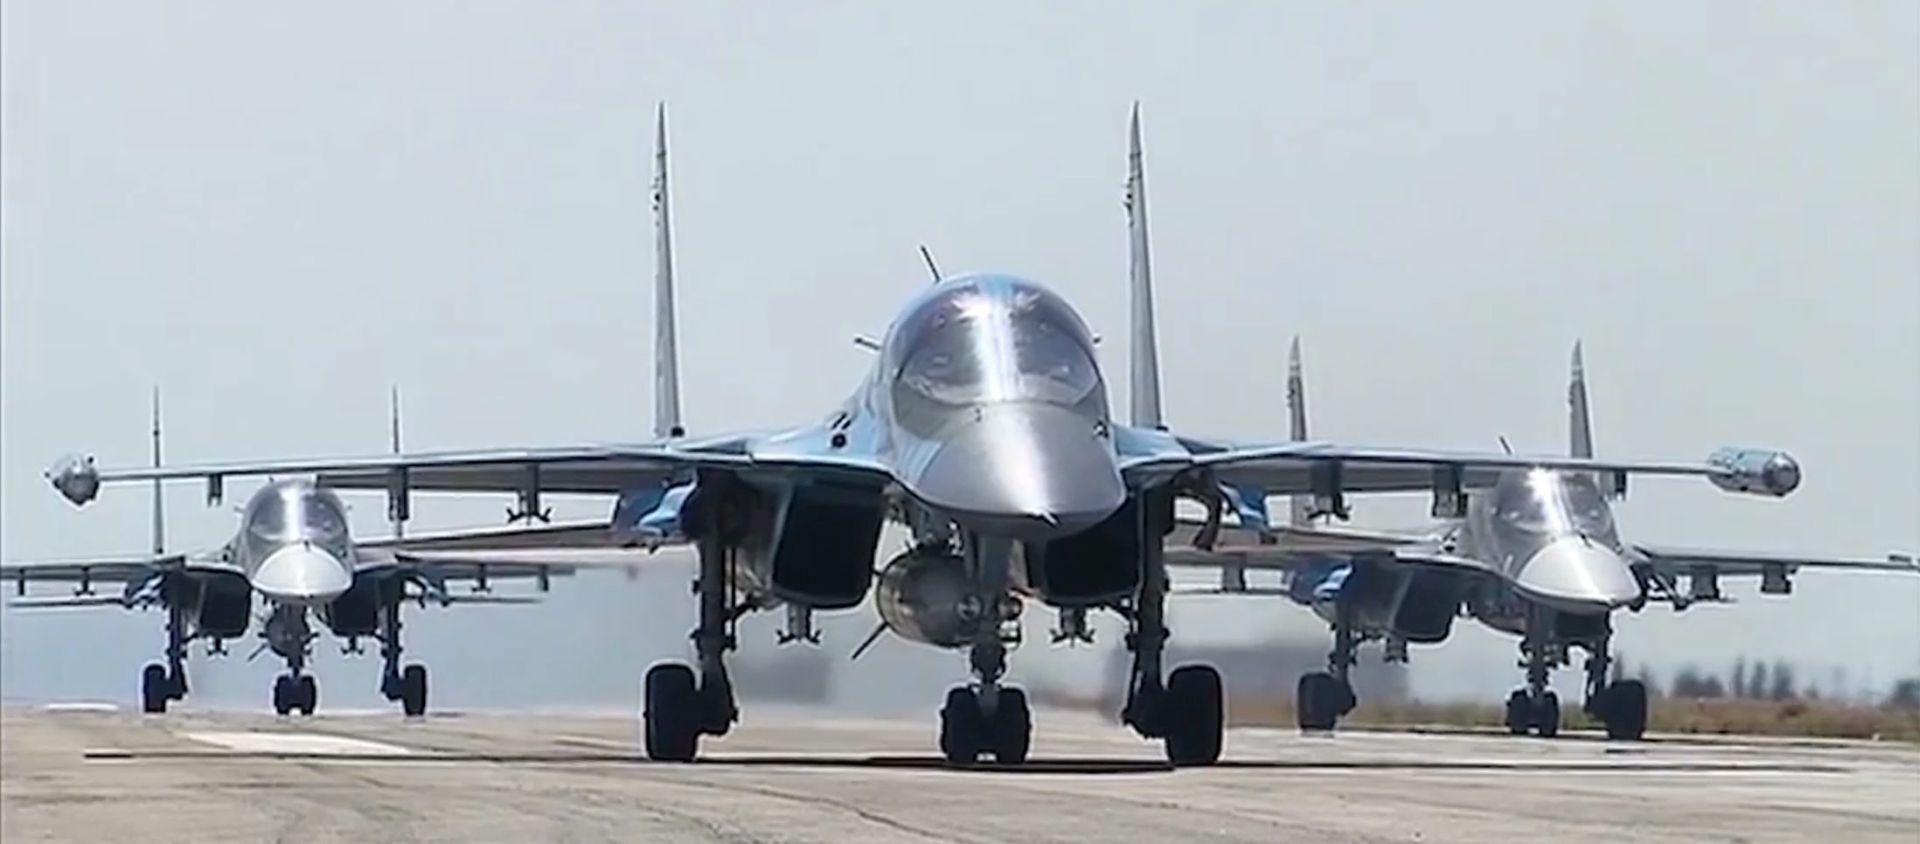 Rusija nastavlja zračne udare na IS, zadržava proturaketni sustav S-400